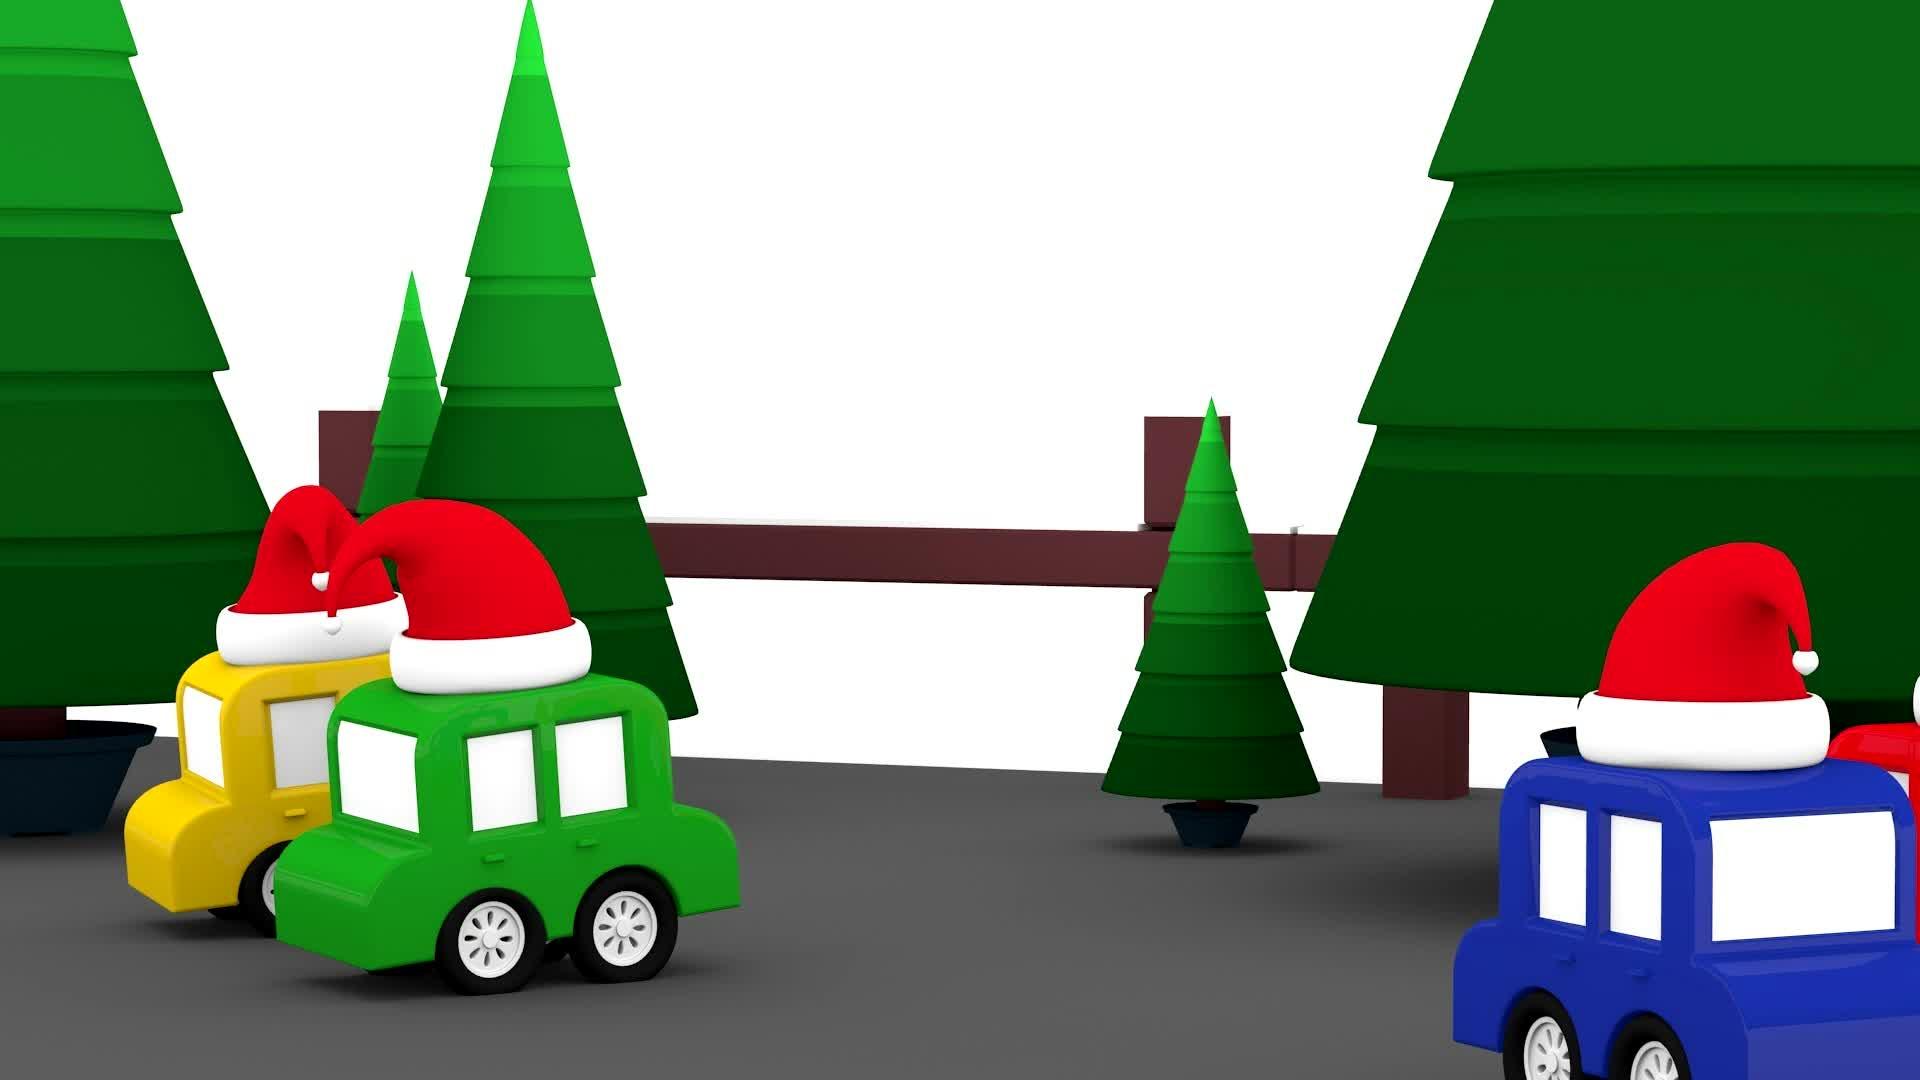 4 машинки / Машинки отмечают Новый год